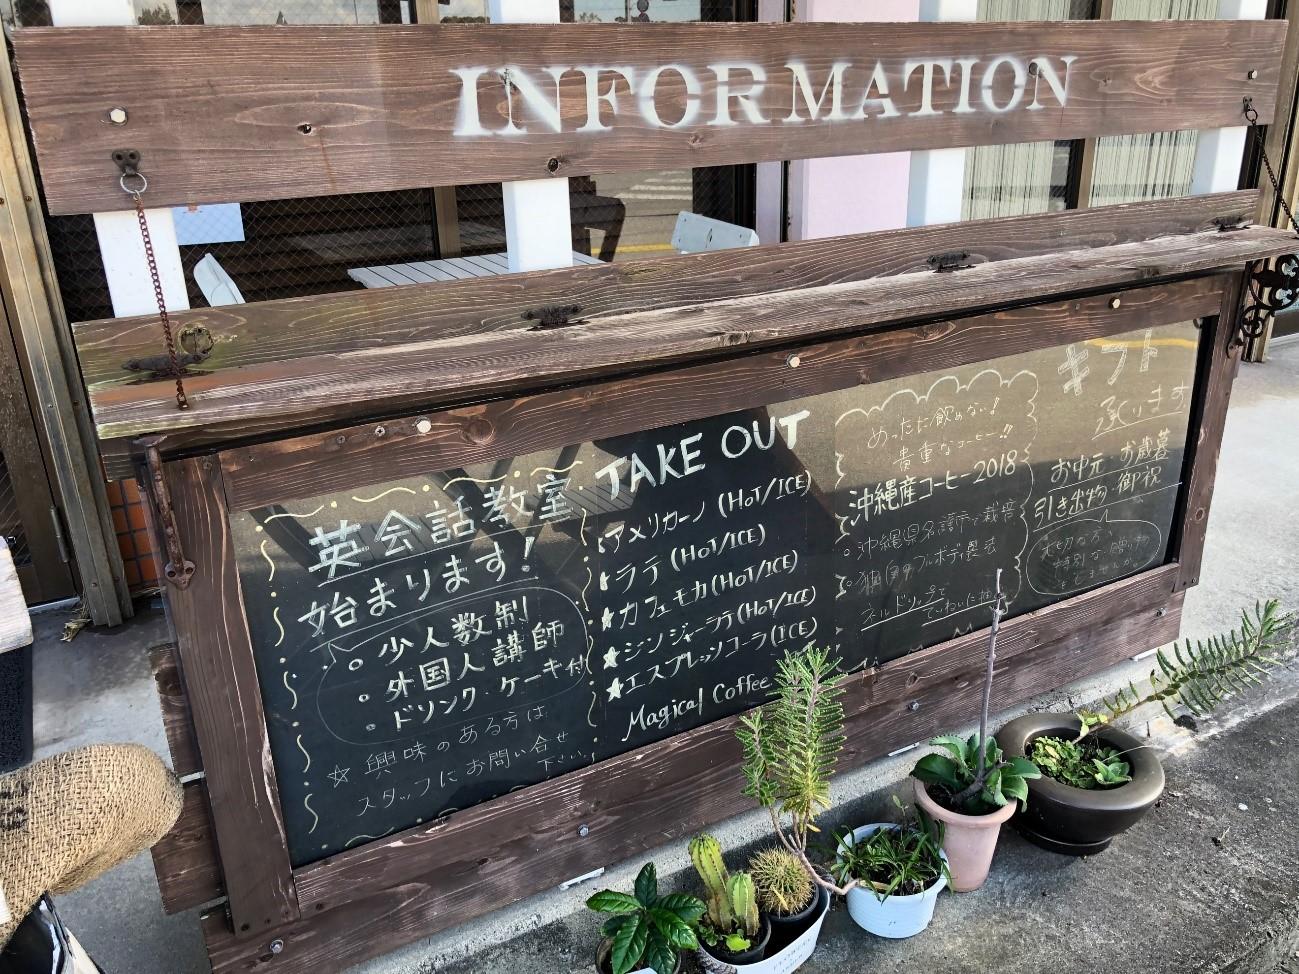 手書きのインフォメーションボードには「英会話教室」の文字